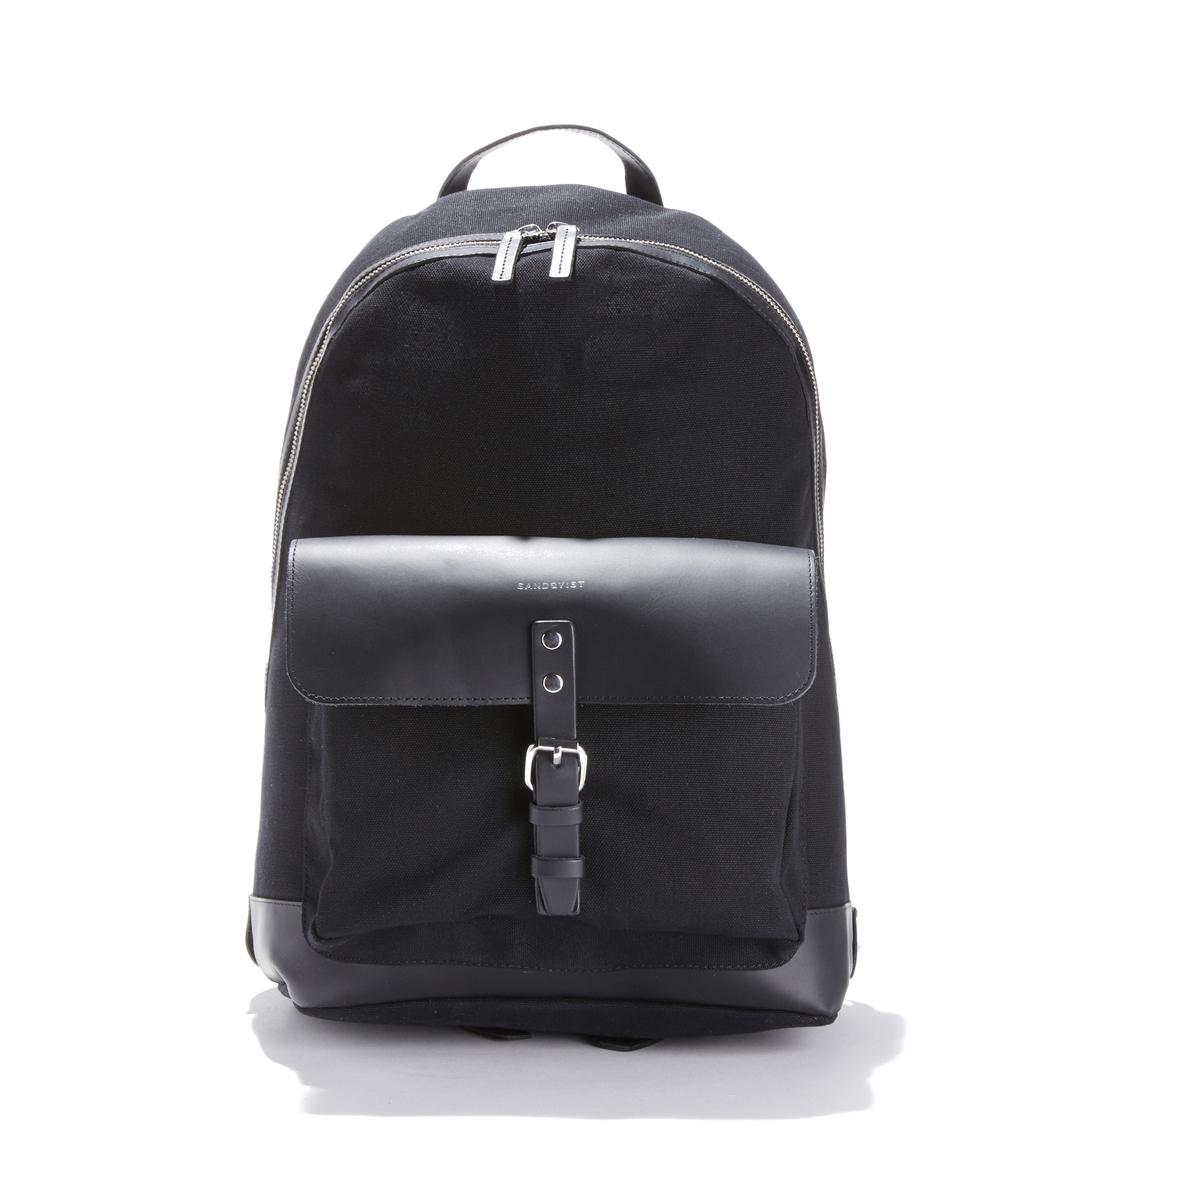 Рюкзак ANDOR 18л для ноутбука 15'' рюкзак everhill cel16 pcu700c 18л